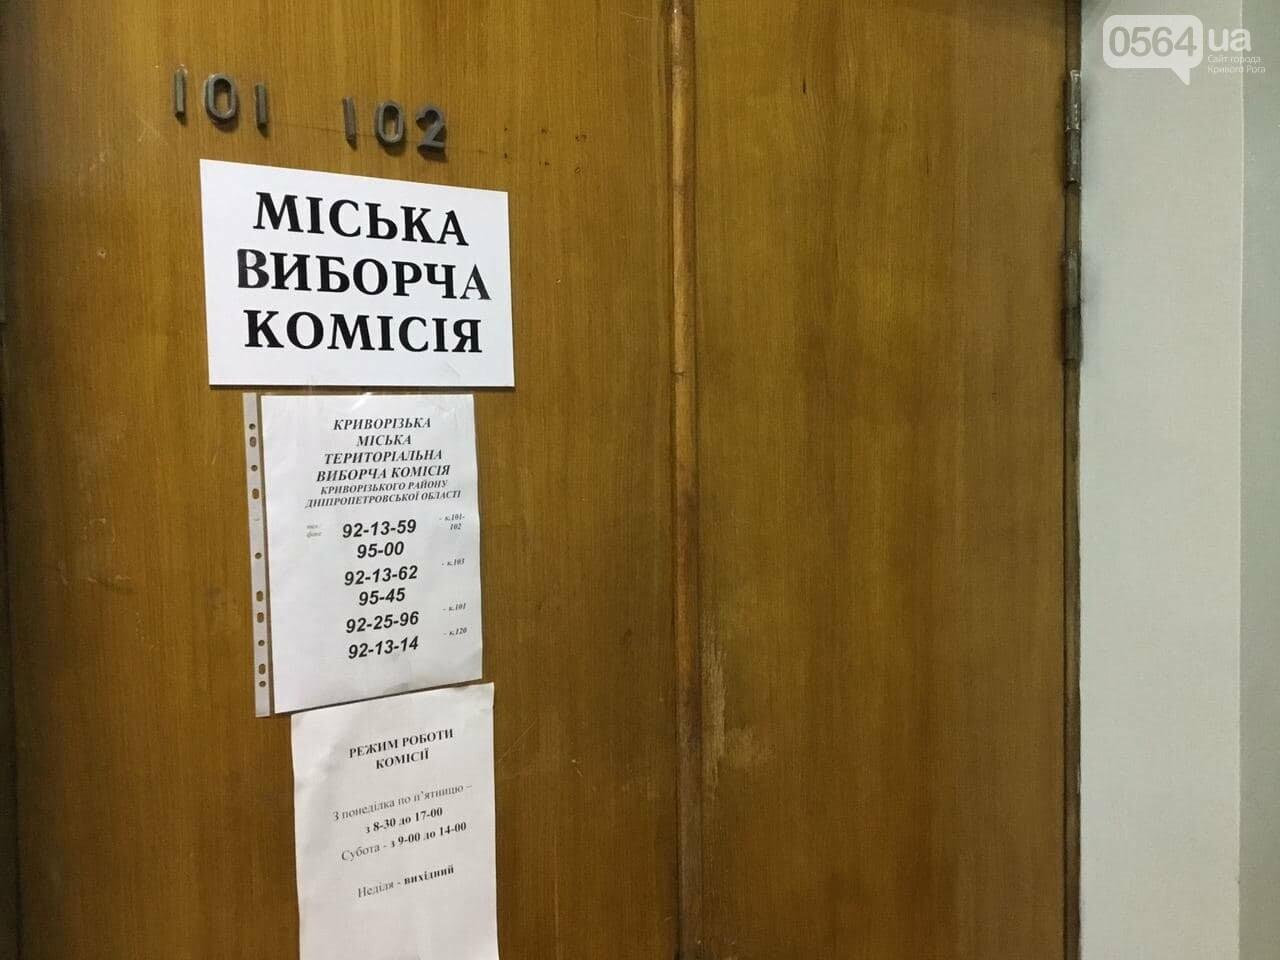 В Кривом Роге проходит заседание ГИК, - ПРЯМАЯ ТРАНСЛЯЦИЯ, фото-1